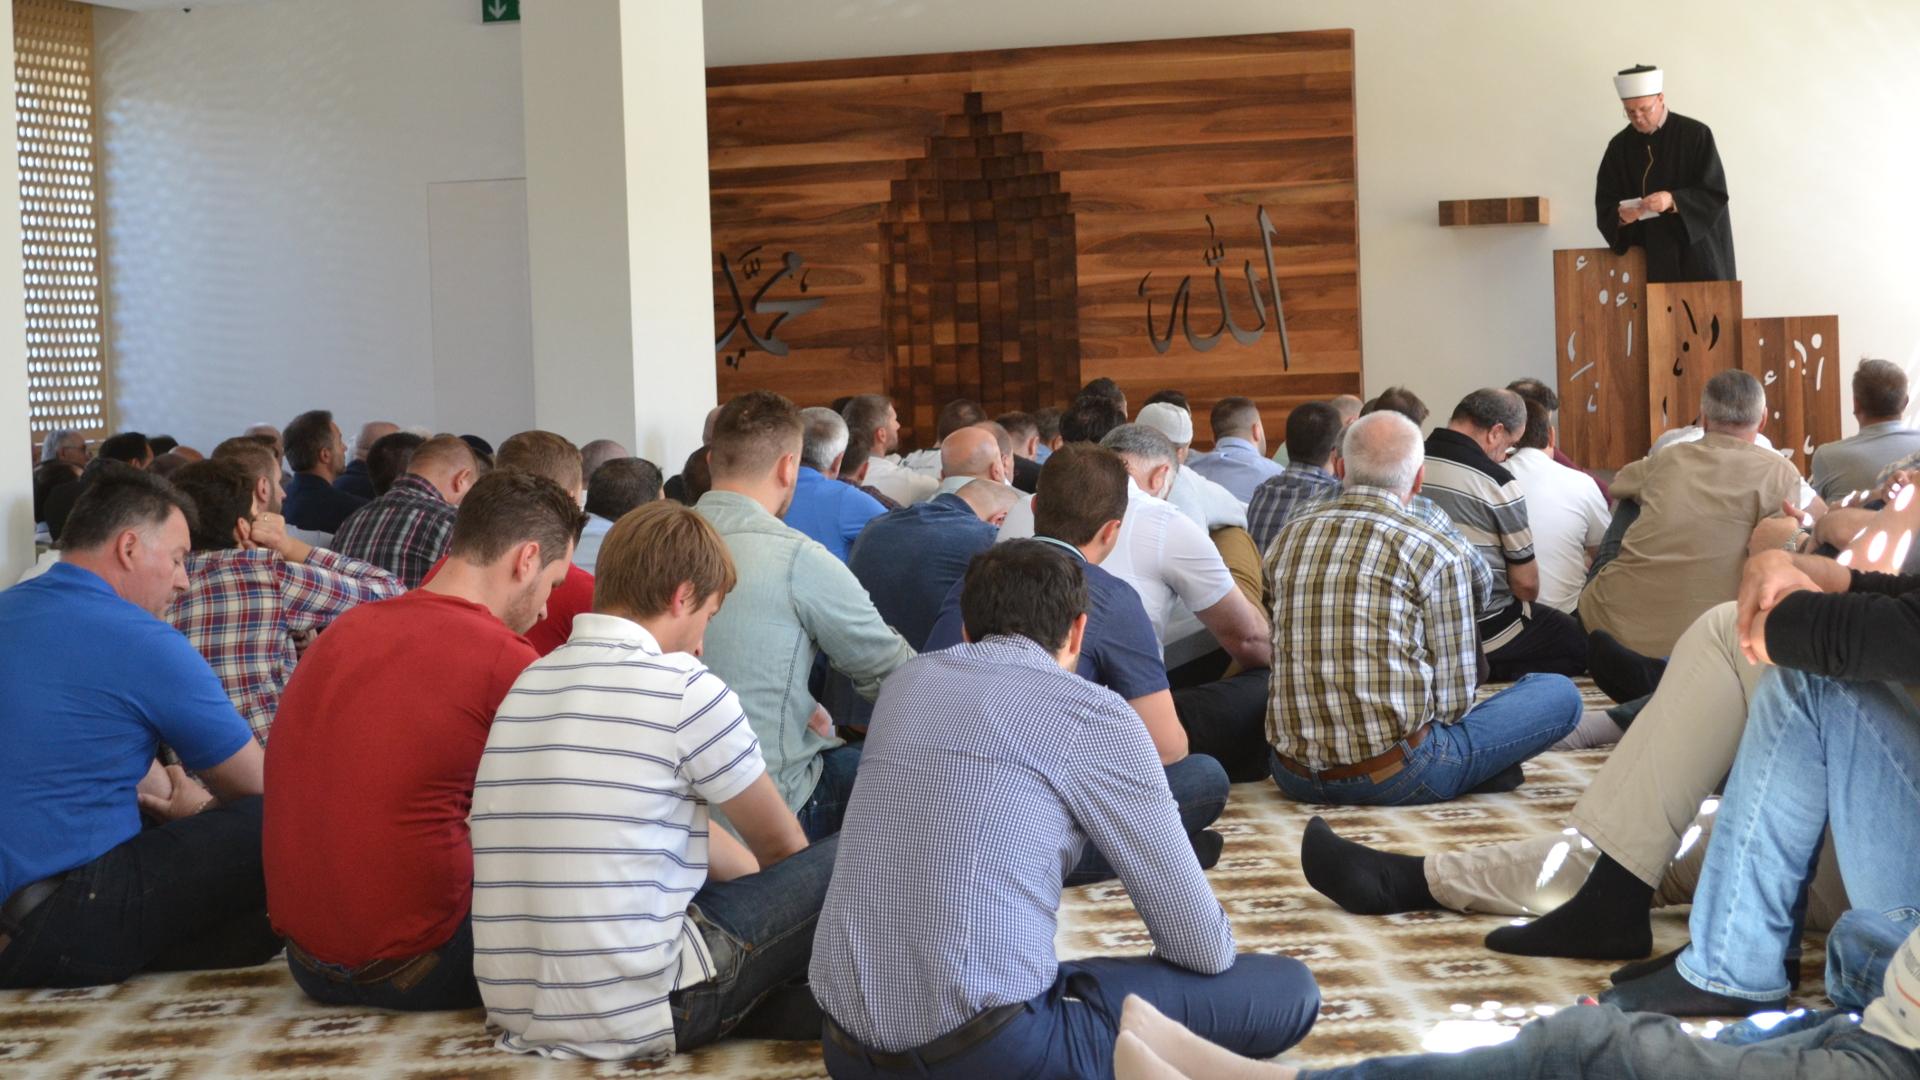 schlieren muslim Me 26022018 në schlieren-zurich u organizua seminar rreth llogaritjes së muajve të hënës sipas përllogaritjeve astronomike dhe kuptimi.